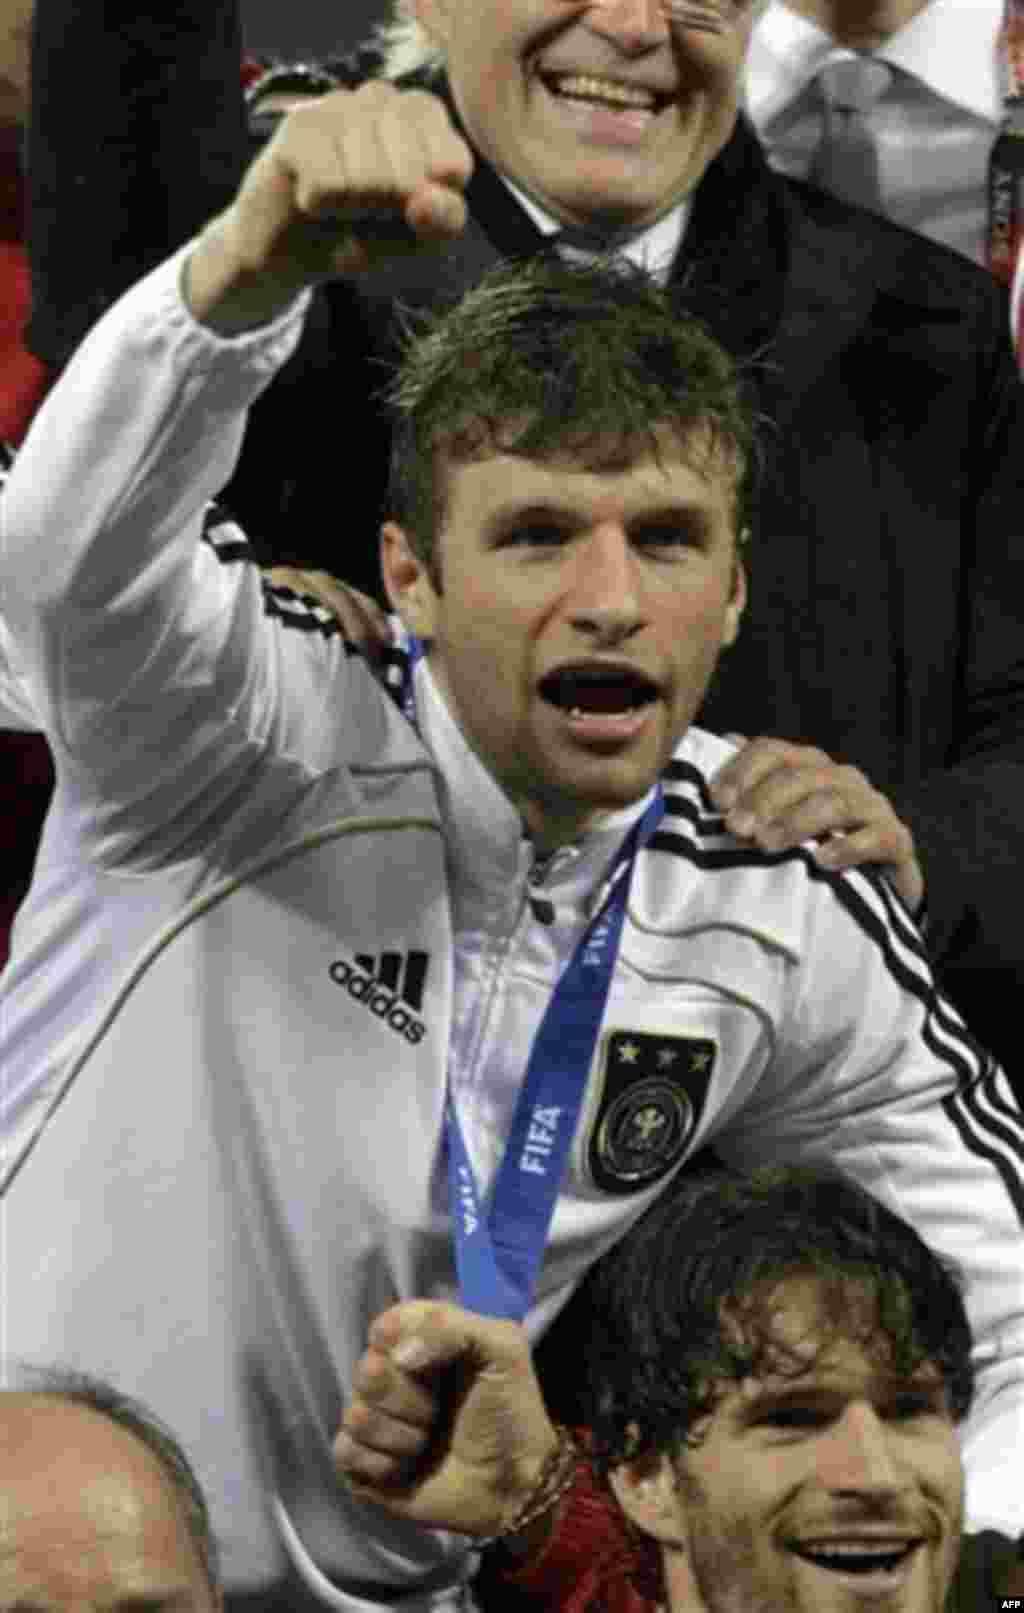 Томас Мюллер (Германия) радуется после победы над Уругваем, принесшей Германии третье место в ЧМ. (Фото АП / Гере Брелоер)